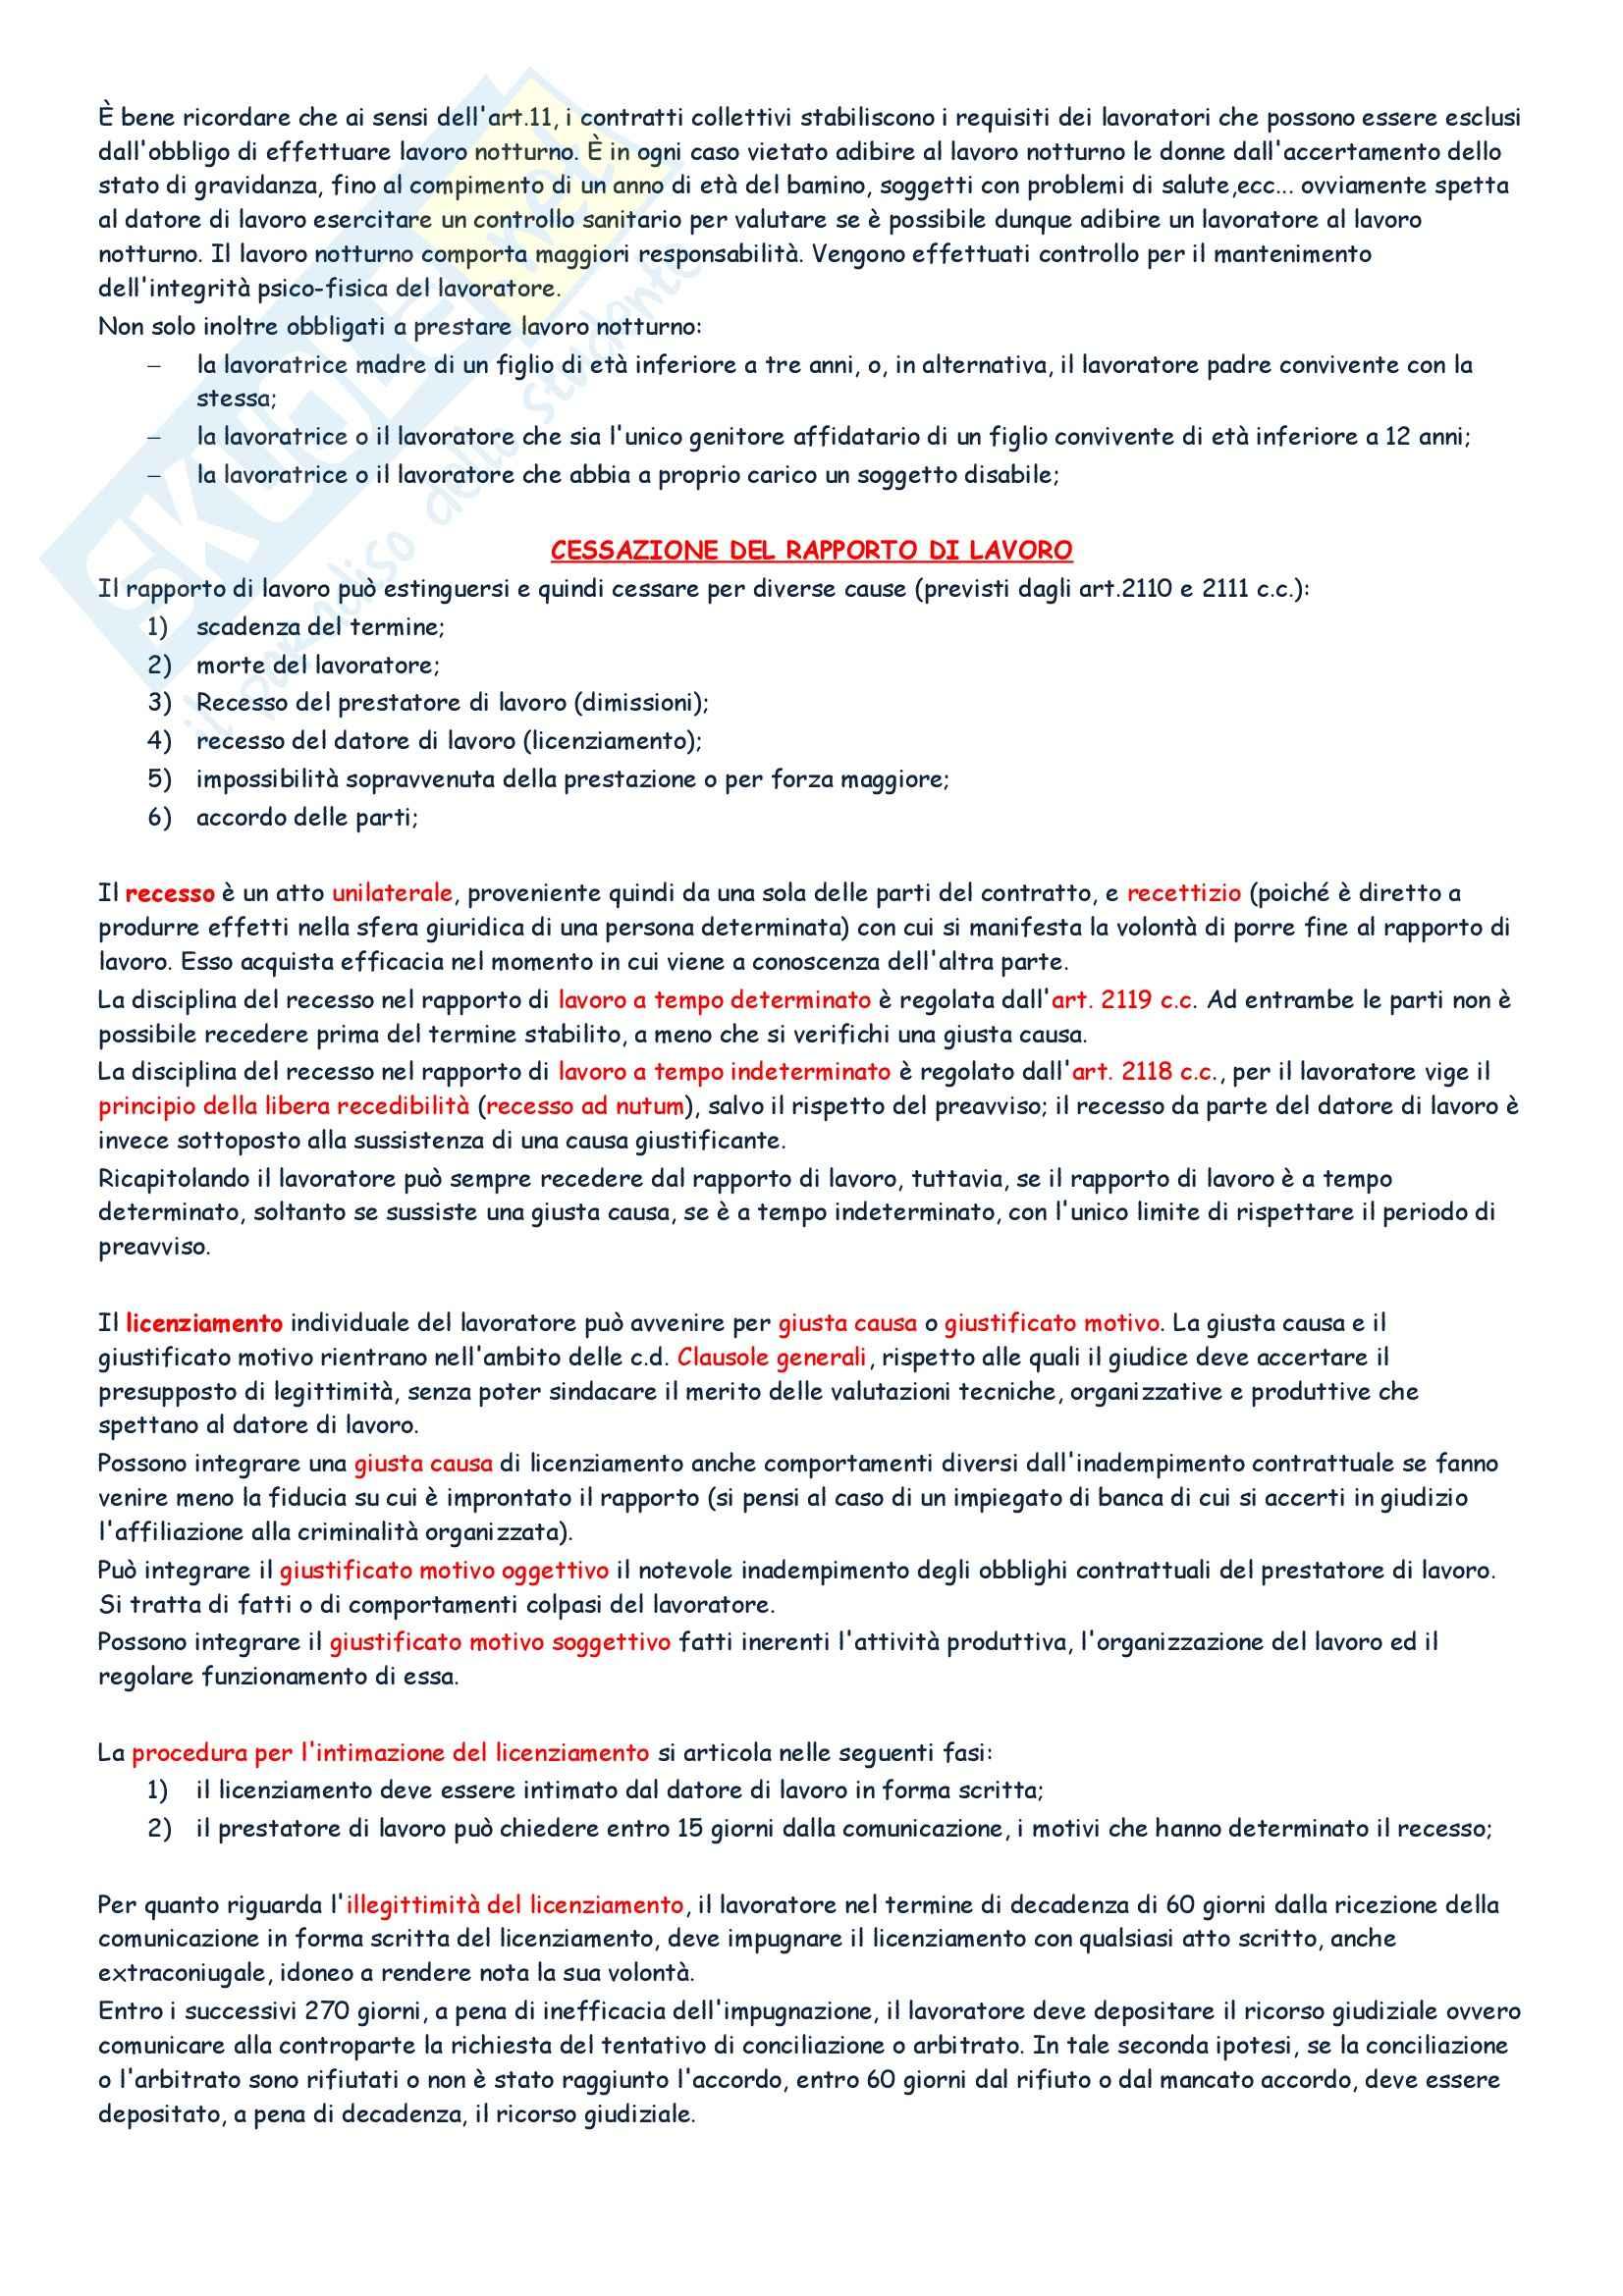 Diritto del lavoro - Appunti Pag. 21